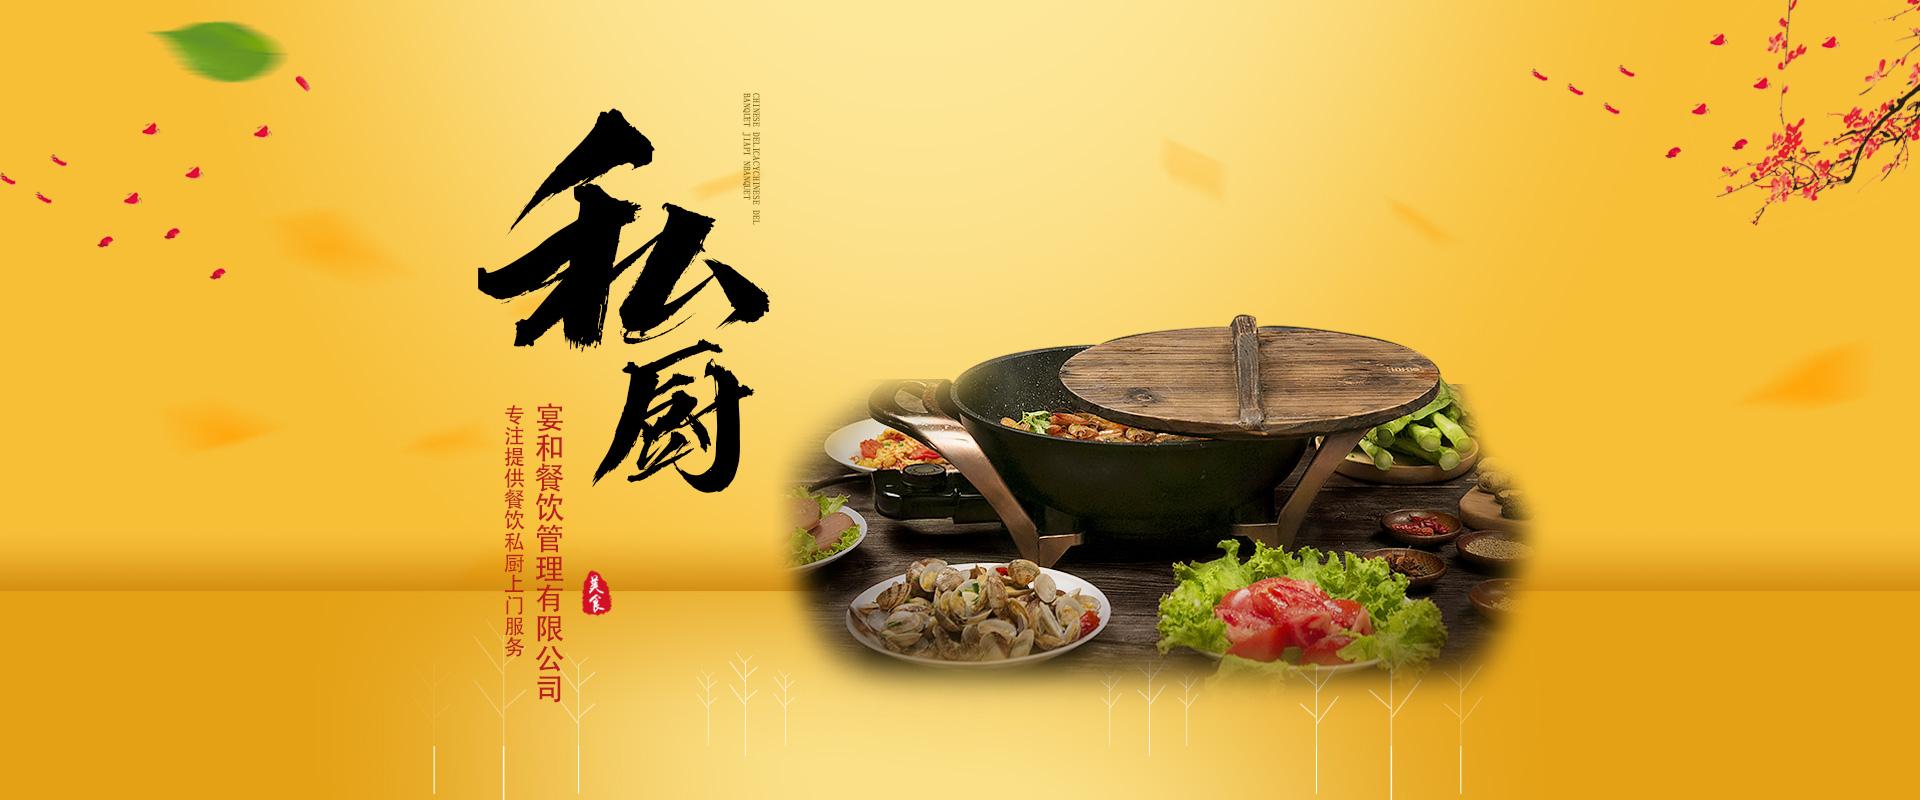 石家庄团餐